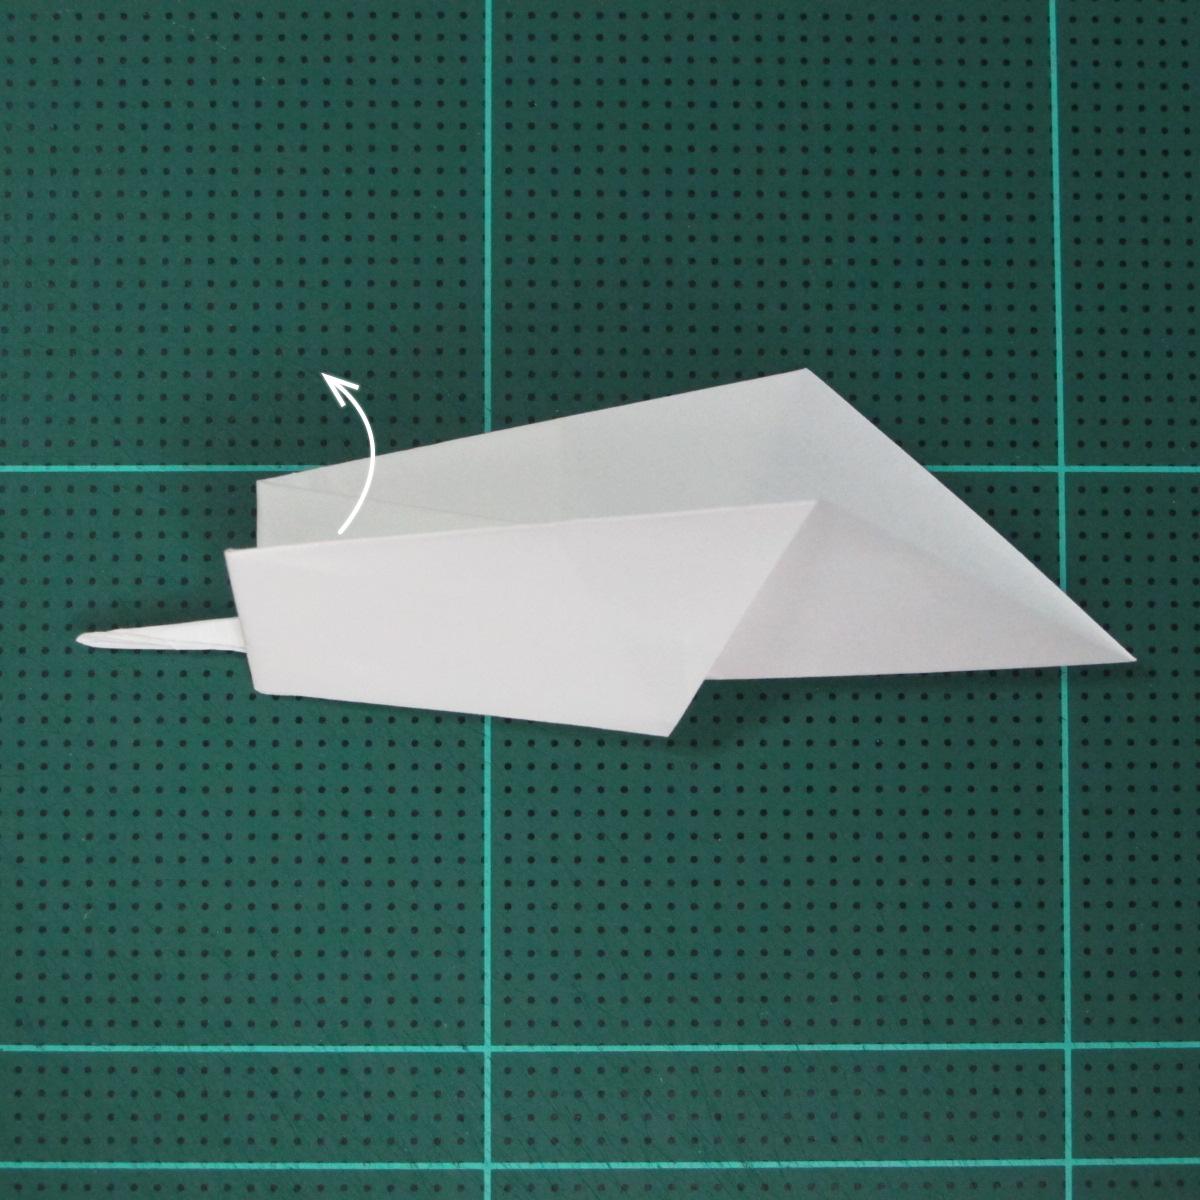 การพับกระดาษเป็นนกกระสา (Origami Pelican) 009